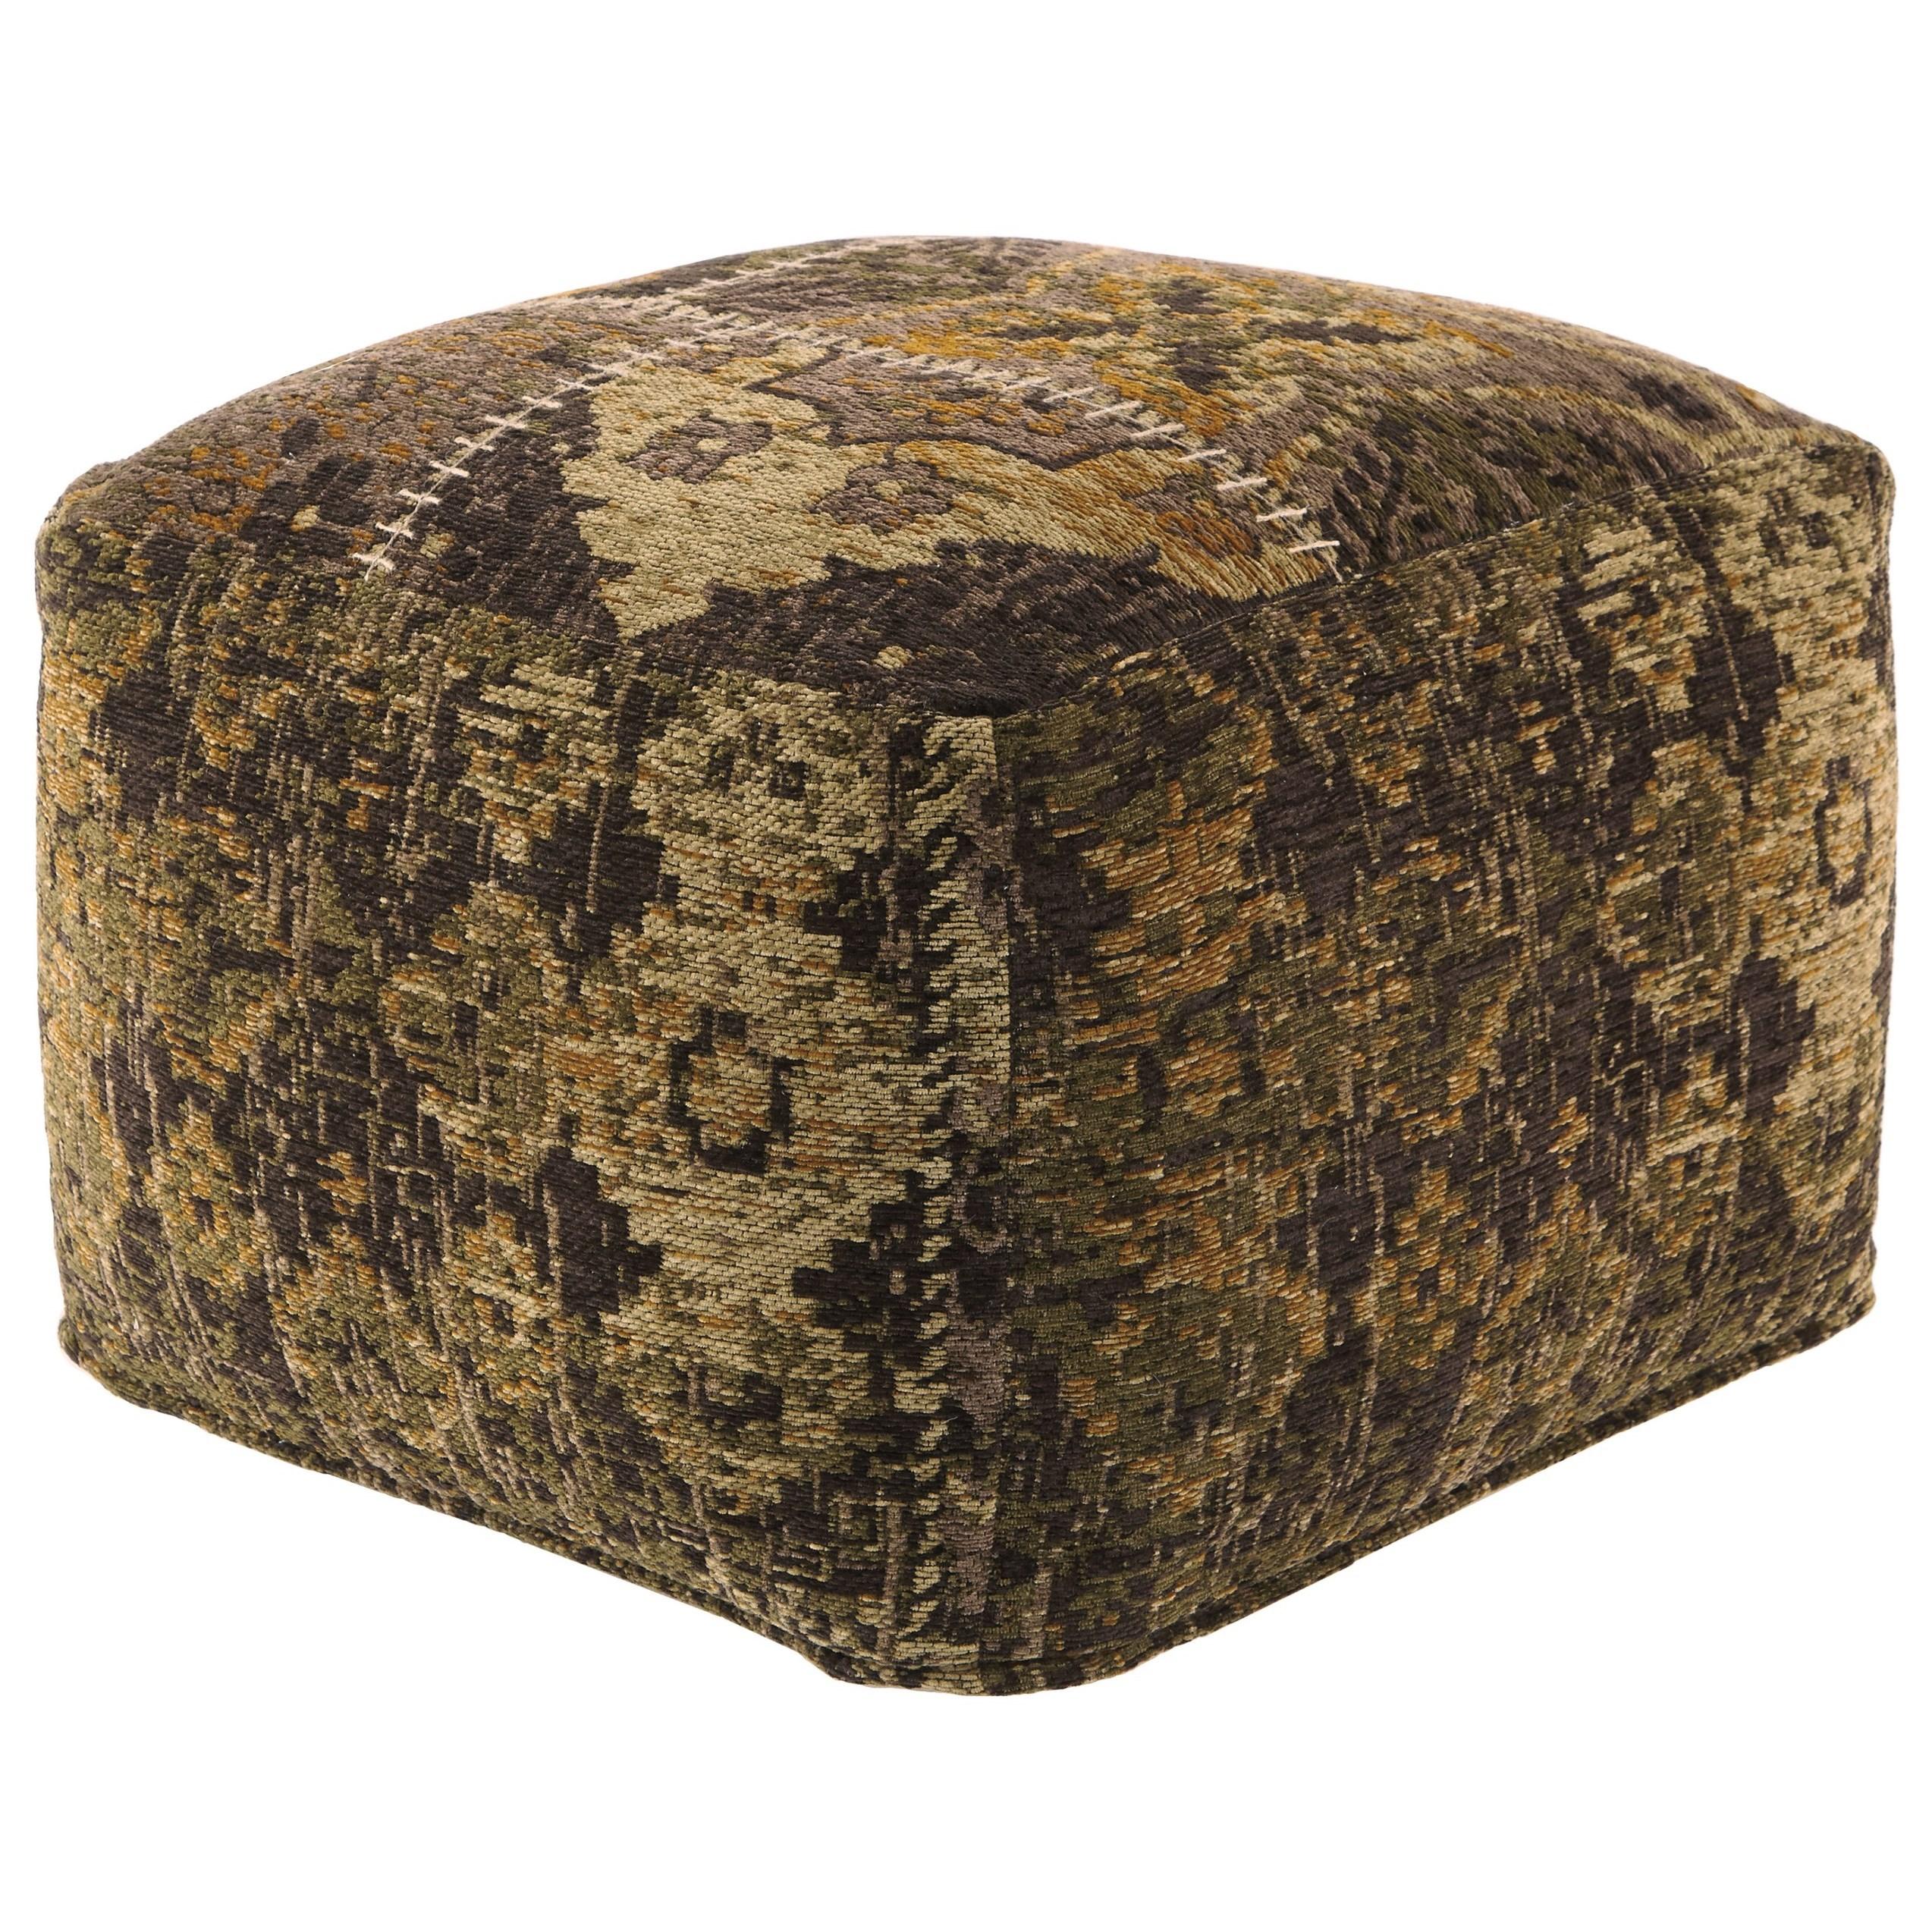 signature design by ashley poufs a1000110 stevensville. Black Bedroom Furniture Sets. Home Design Ideas